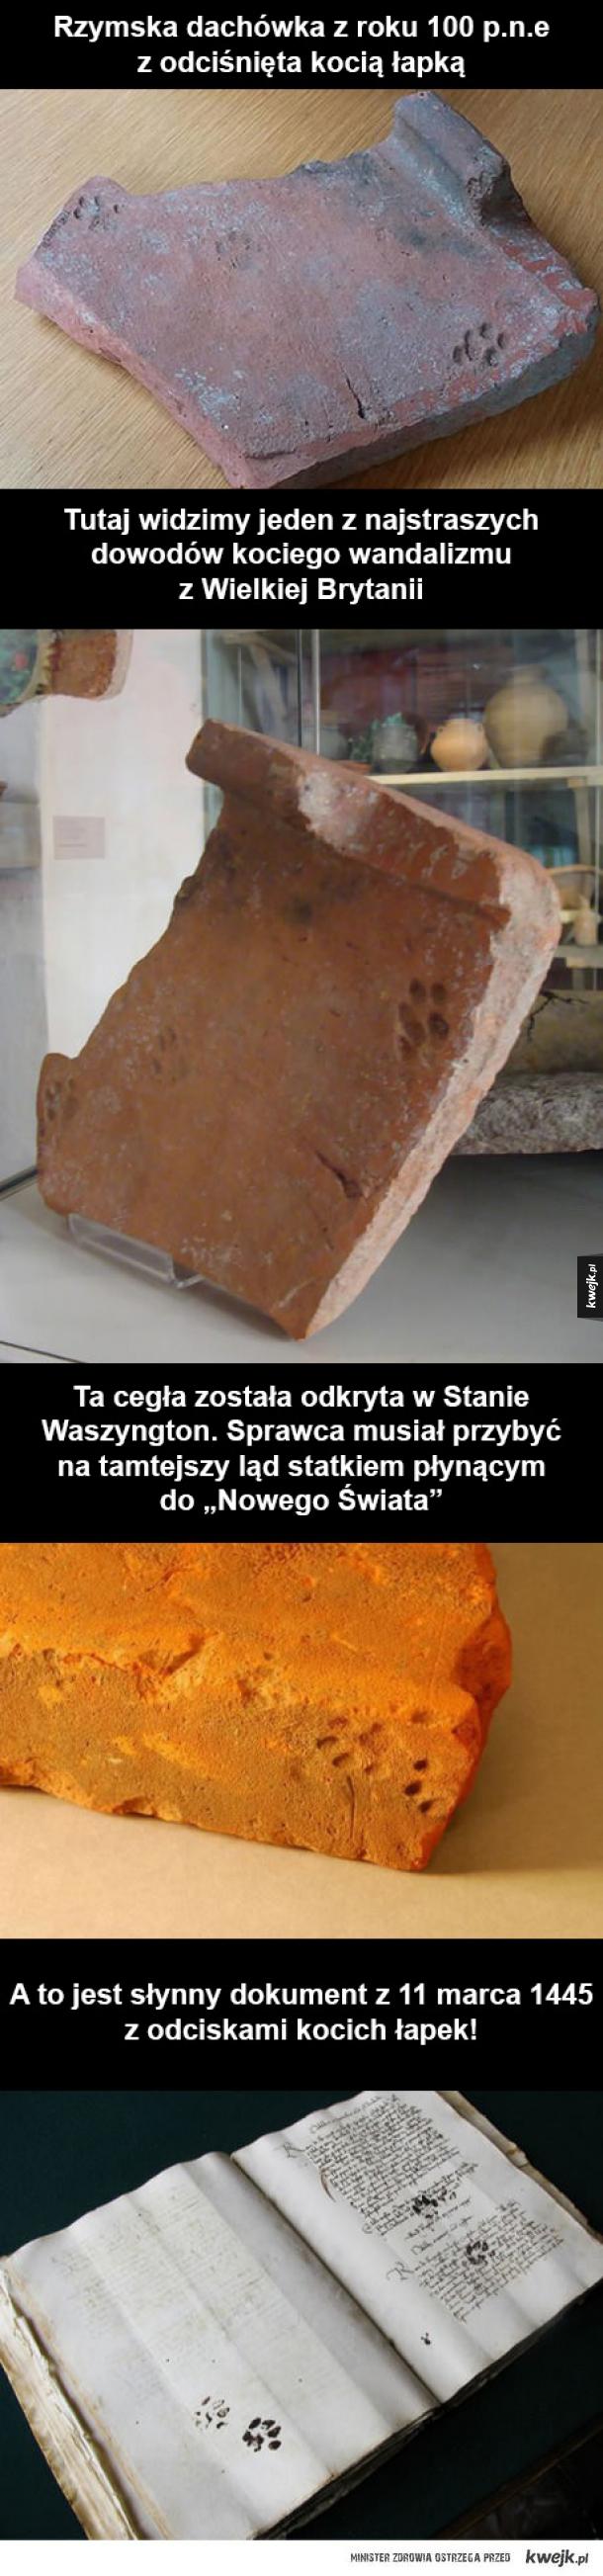 Najstarsze dowody kociego wandalizmu